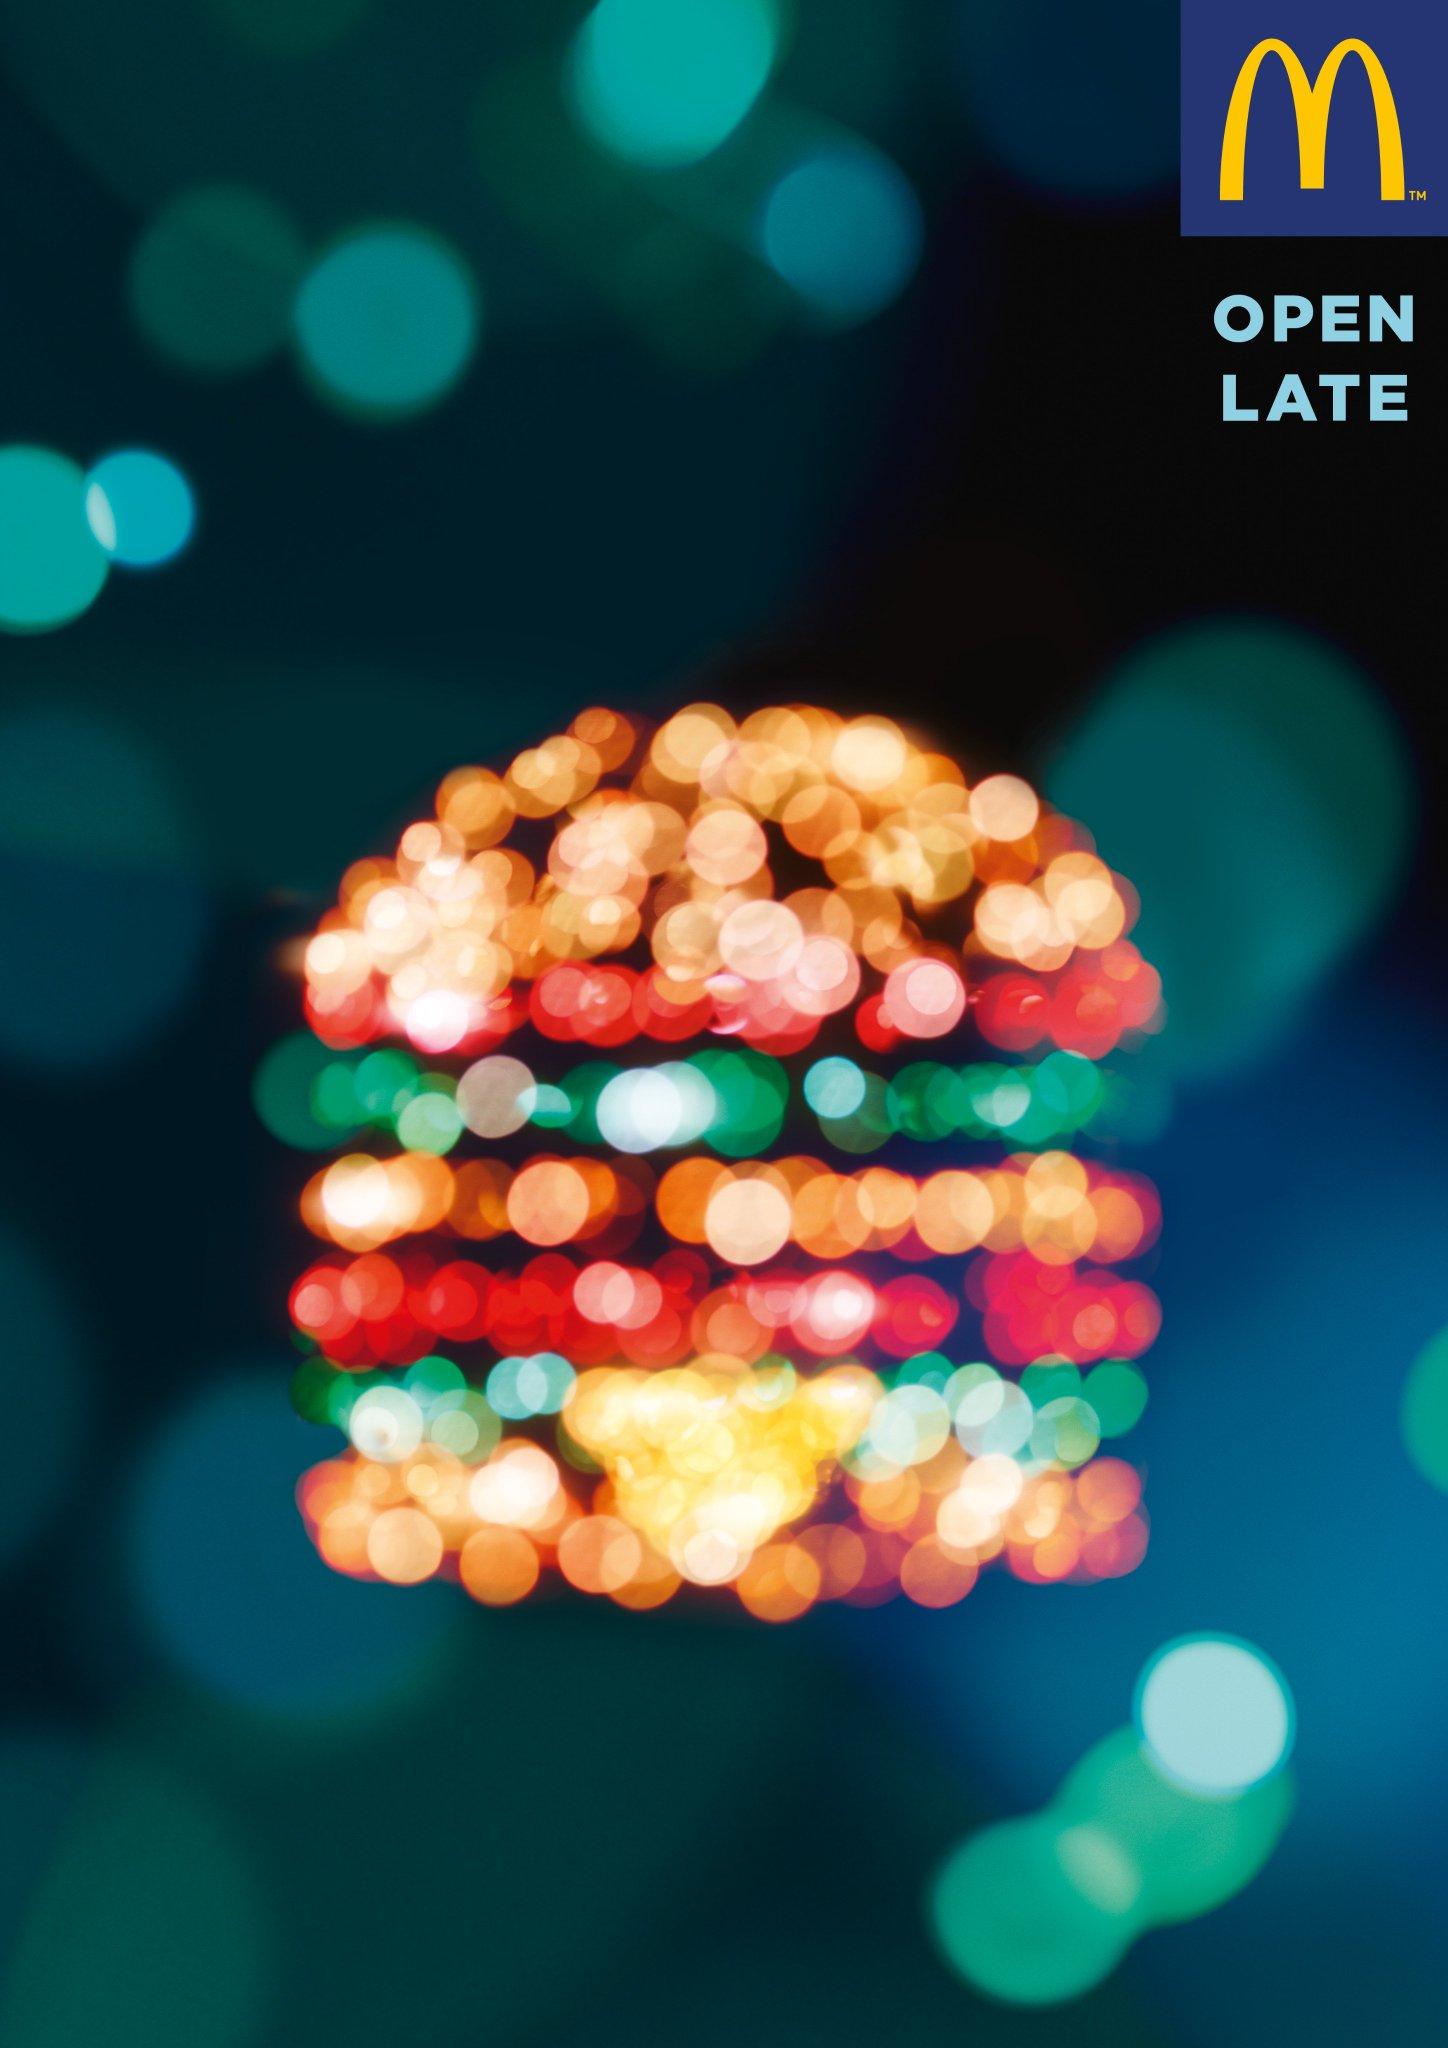 「深夜営業」をここまで芸術的に表現できるのは、フランスのマクドナルドだけだと思う。